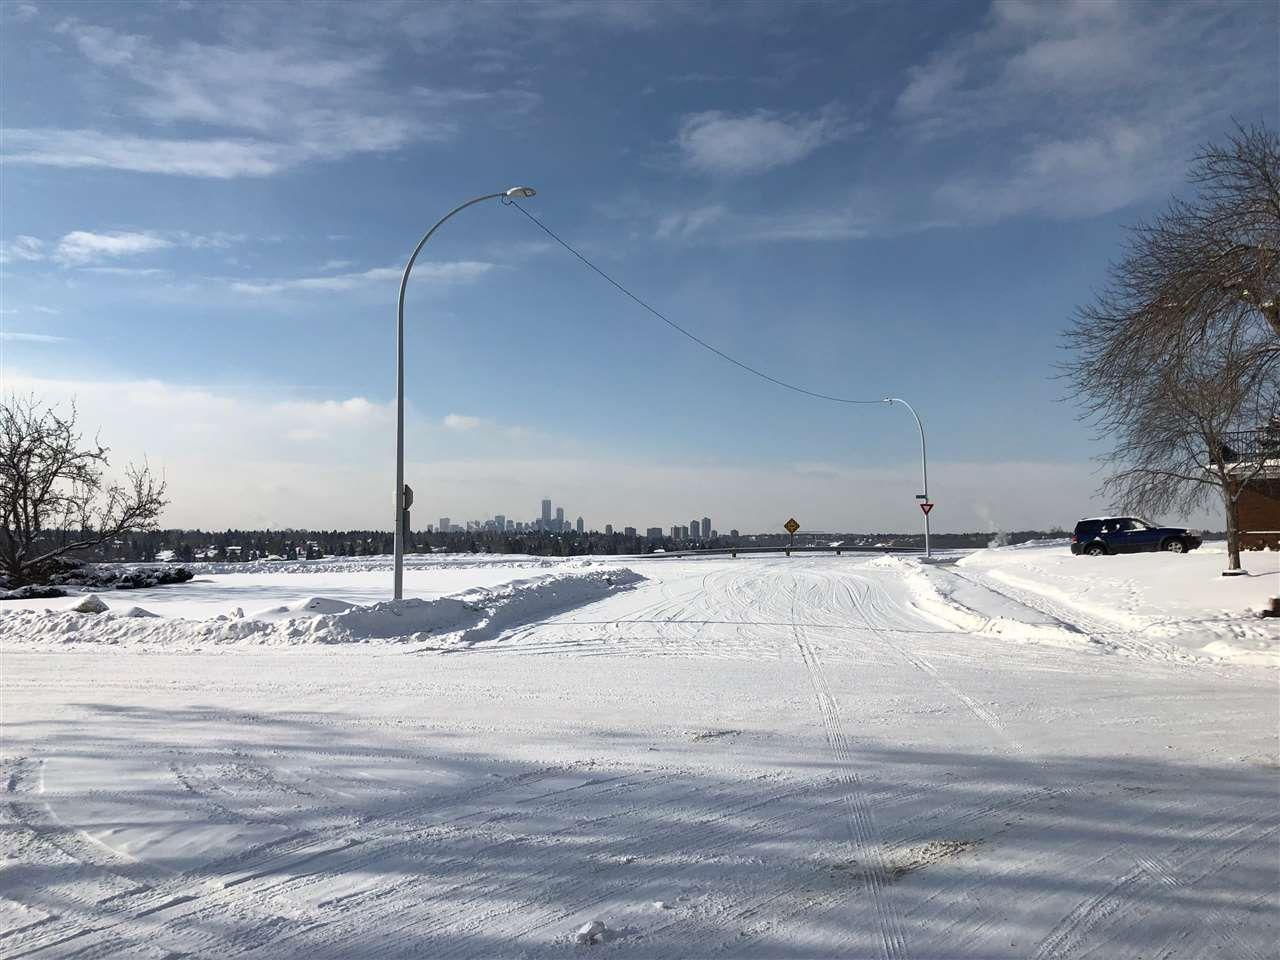 Main Photo: 3653 106 Avenue in Edmonton: Zone 23 Vacant Lot for sale : MLS®# E4141227